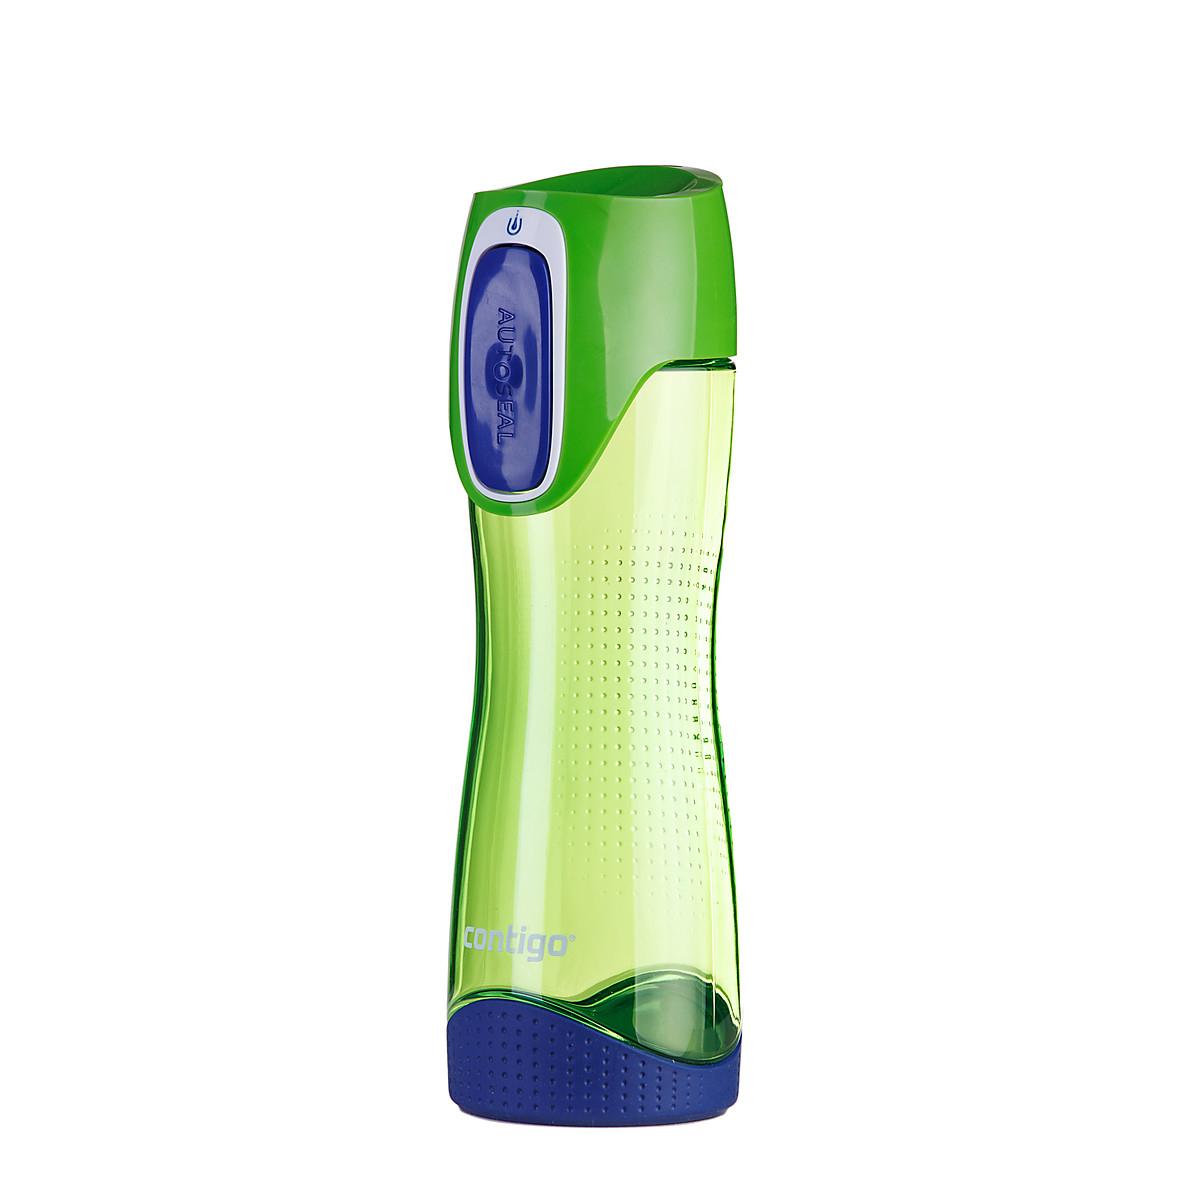 Бутылка для воды Contigo Swish, цвет: зеленый, синий, 550 млcontigo0236Бутылка для воды Contigo Swish - это замечательный сюрприз как для родных и друзей, так и для себя.Практичная и комфортная форма, а также удобный размер позволит вам всегда носить ее с собой. Кроме того, чтобы попить из бутылки вам достаточно просто нажать на кнопку, а при отпускании ее крышка автоматически закроется, исключая вытекание воды. Такая система обеспечивает полную защиту вашей воды от попадания вредных и ненужных микроорганизмов.